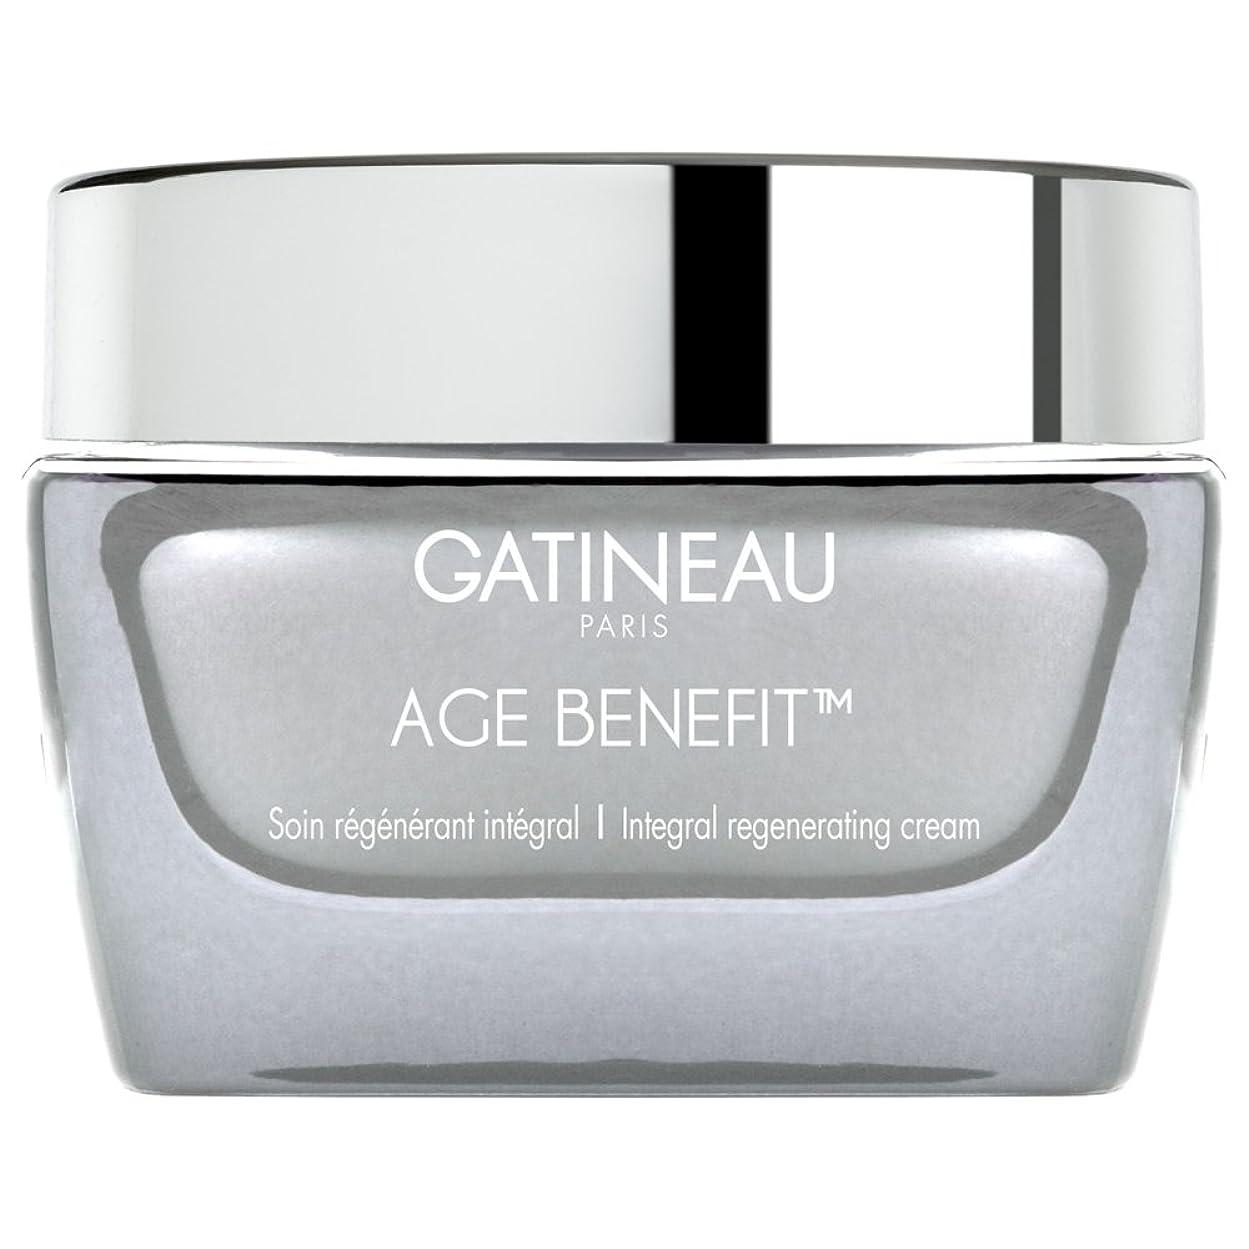 統計的北米奨励クリームを再生ガティノー年齢給付、50ミリリットル (Gatineau) (x2) - Gatineau Age Benefit Regenerating Cream, 50ml (Pack of 2) [並行輸入品]